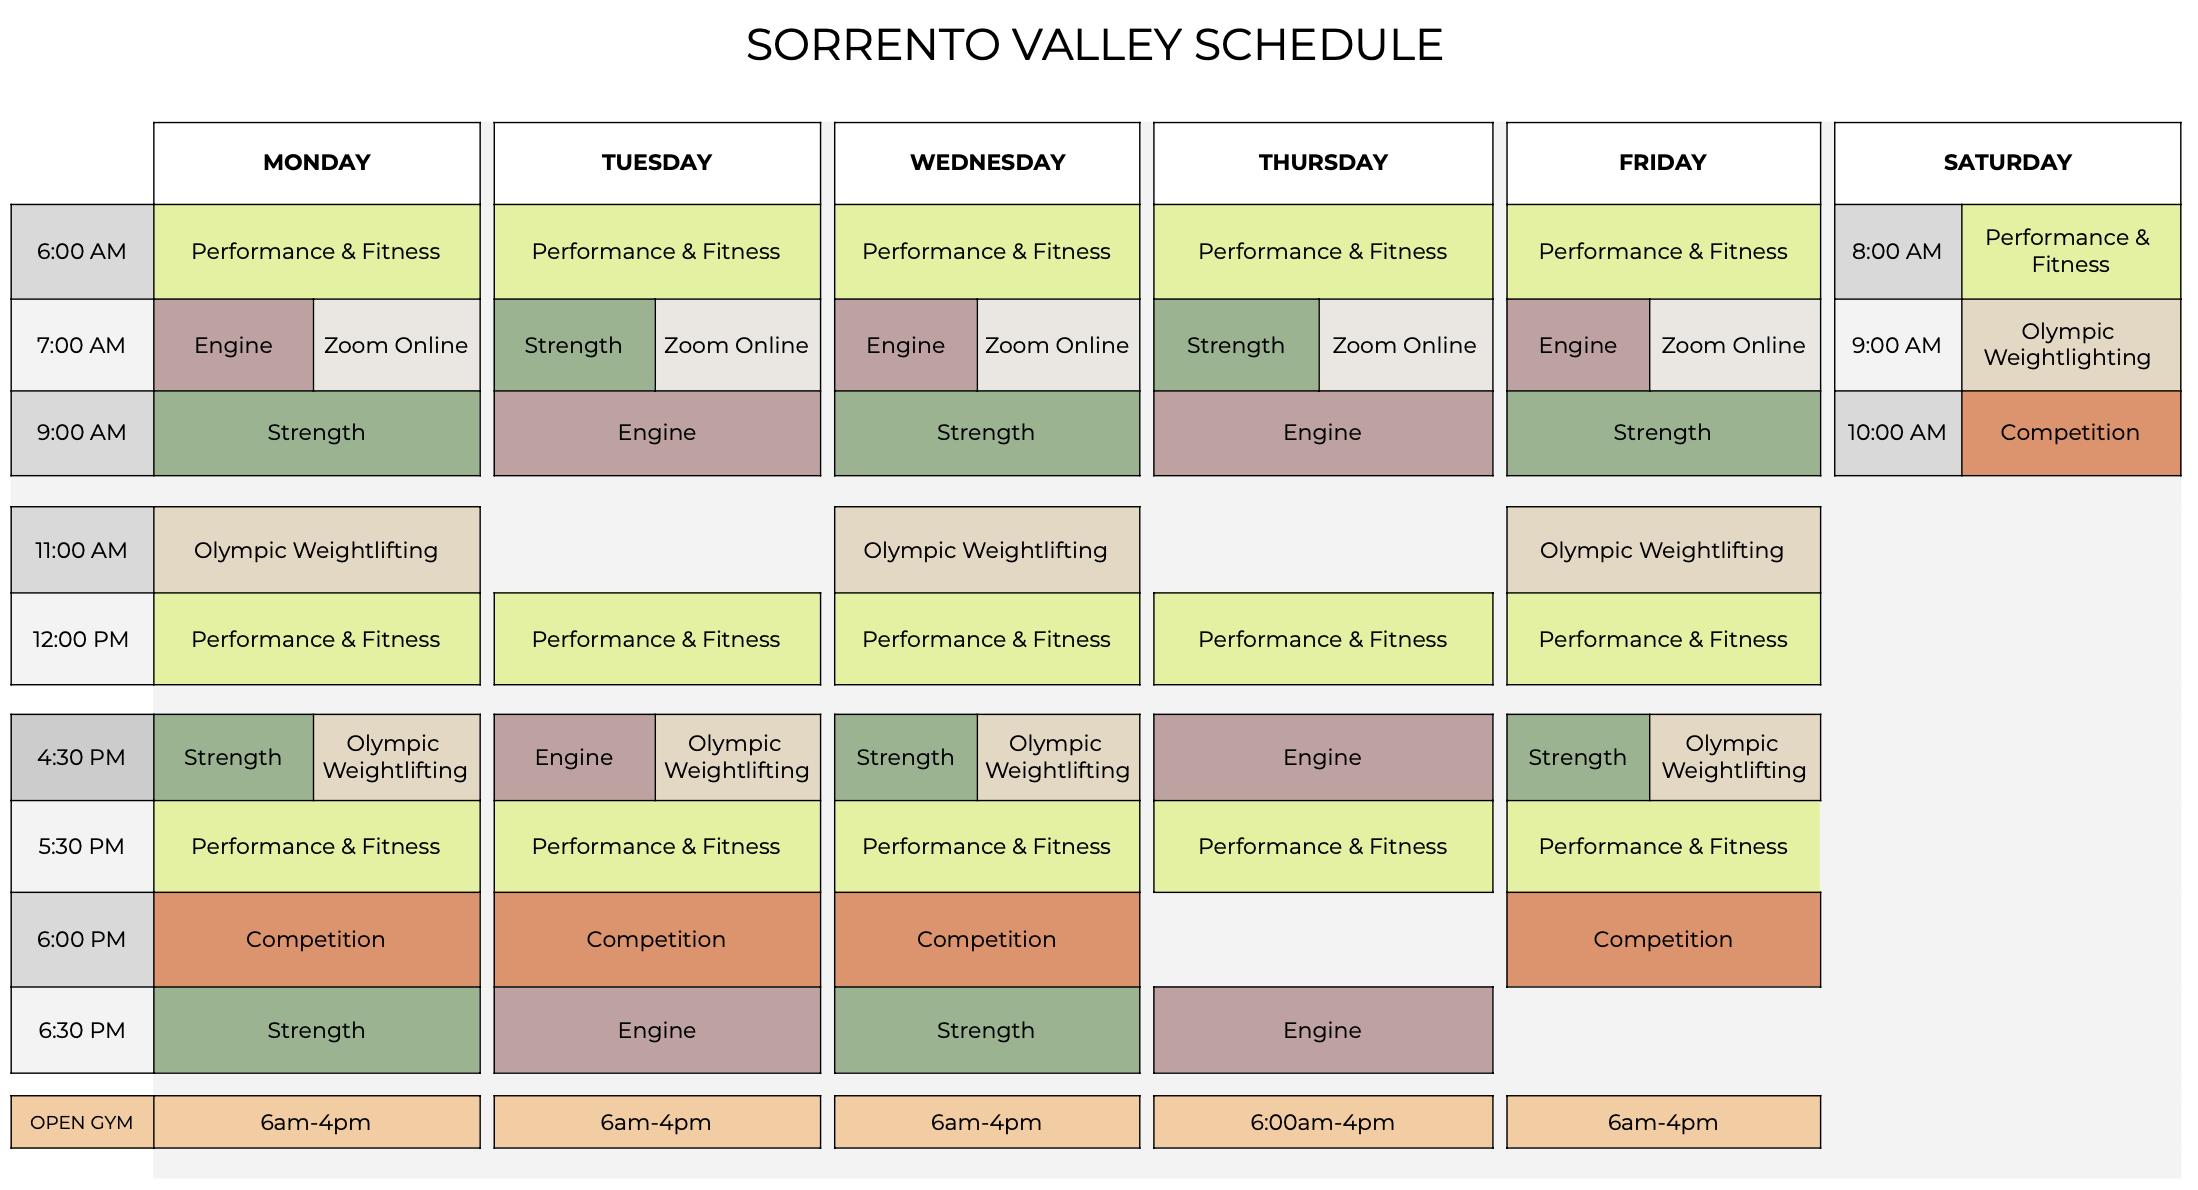 sorrento-valley-schedule